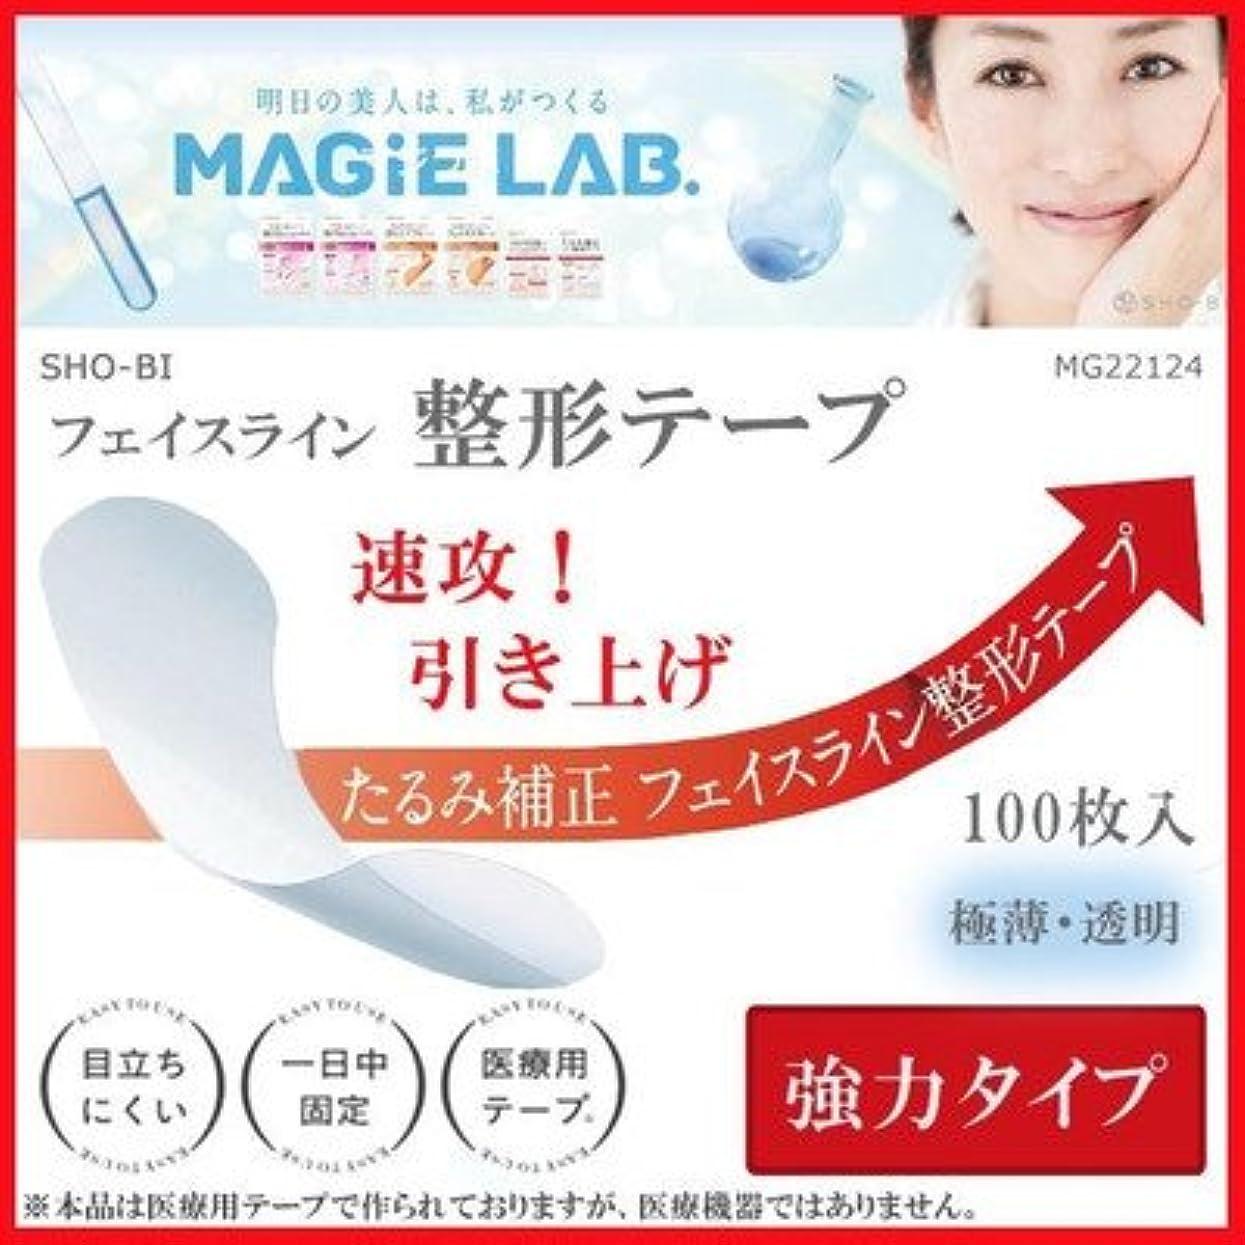 睡眠政治家九SHO-BI MAGiE LAB.(マジラボ) フェイスライン整形テープ 強力タイプ 100枚入り MG22124